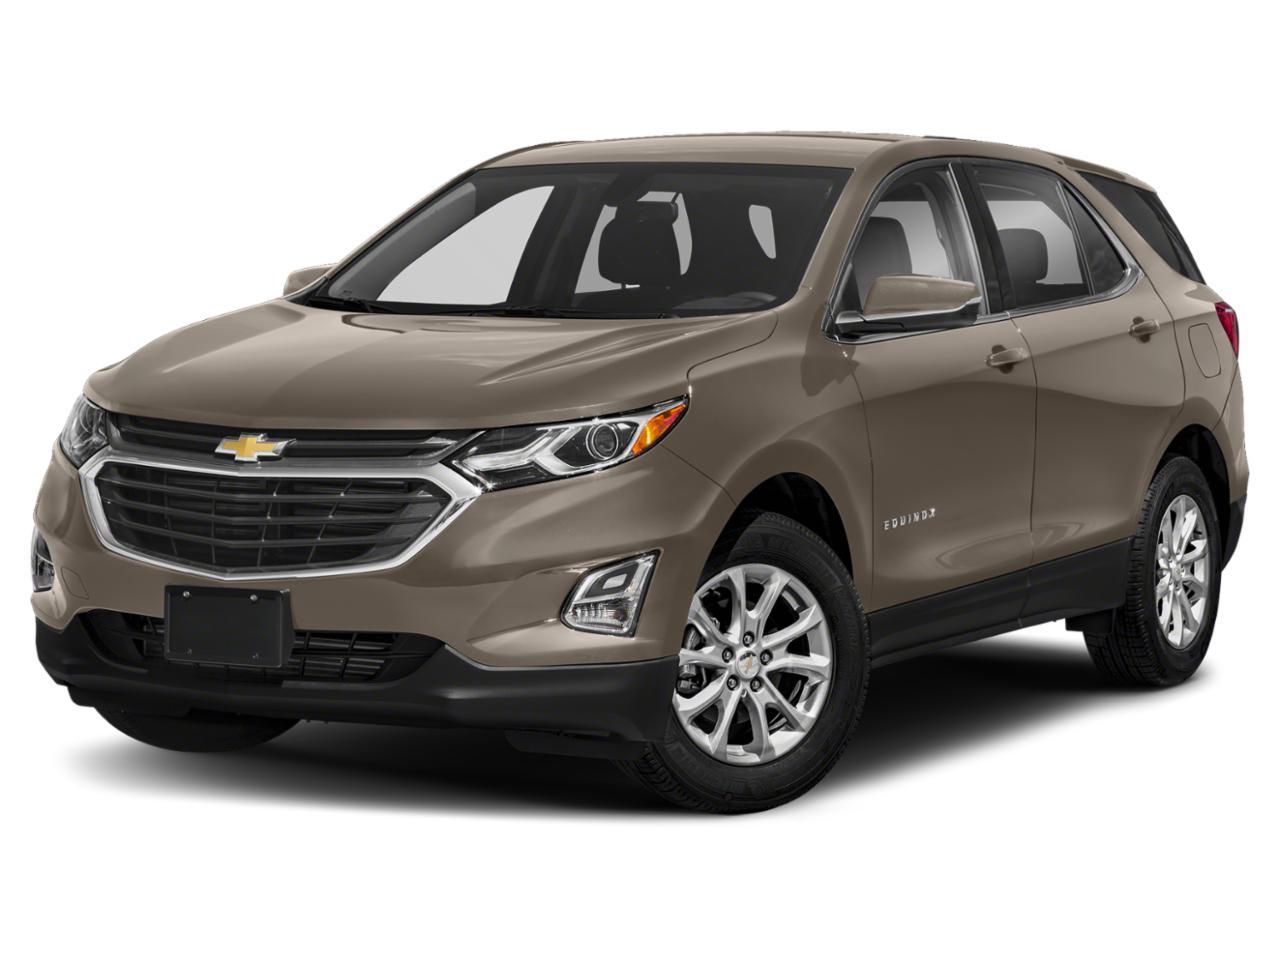 2018 Chevrolet Equinox Vehicle Photo in Jasper, GA 30143